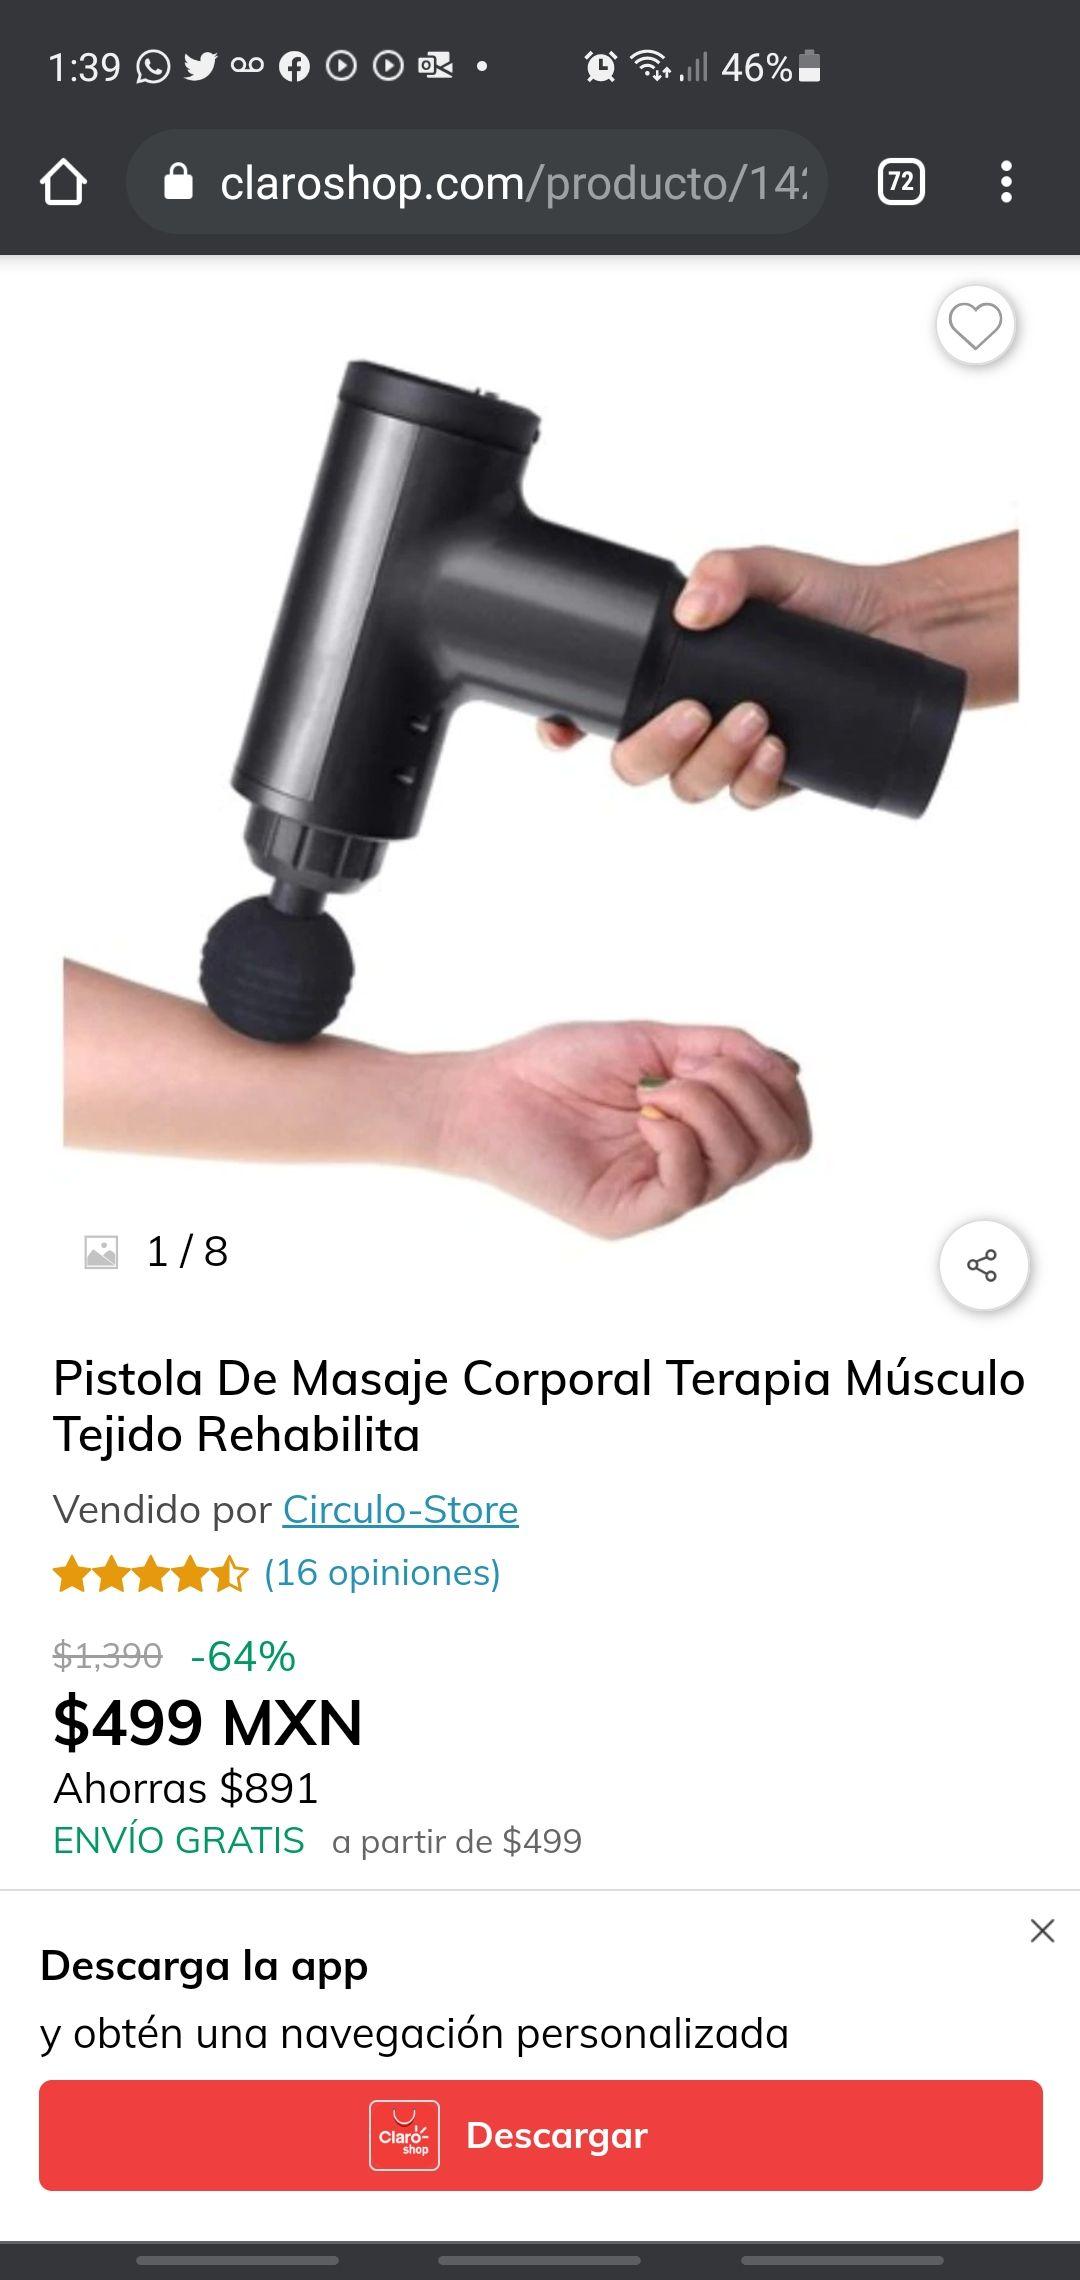 Claro Shop: Pistola de masaje corporal